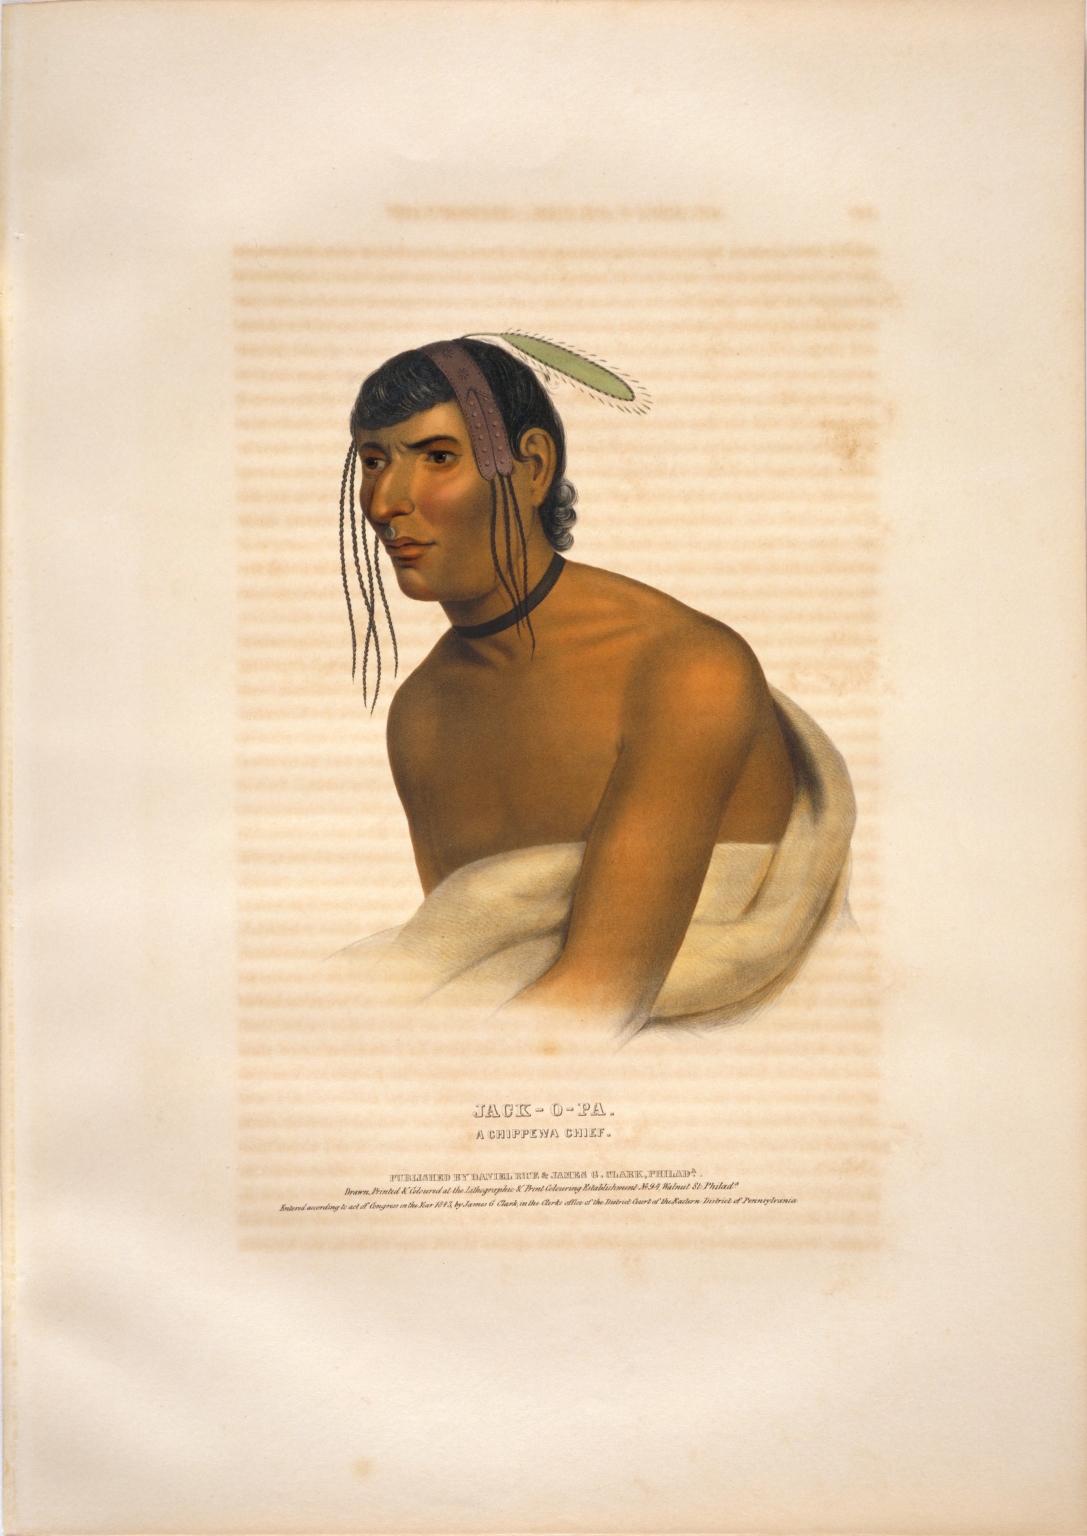 Jack-o-pa, a Chippewa chief